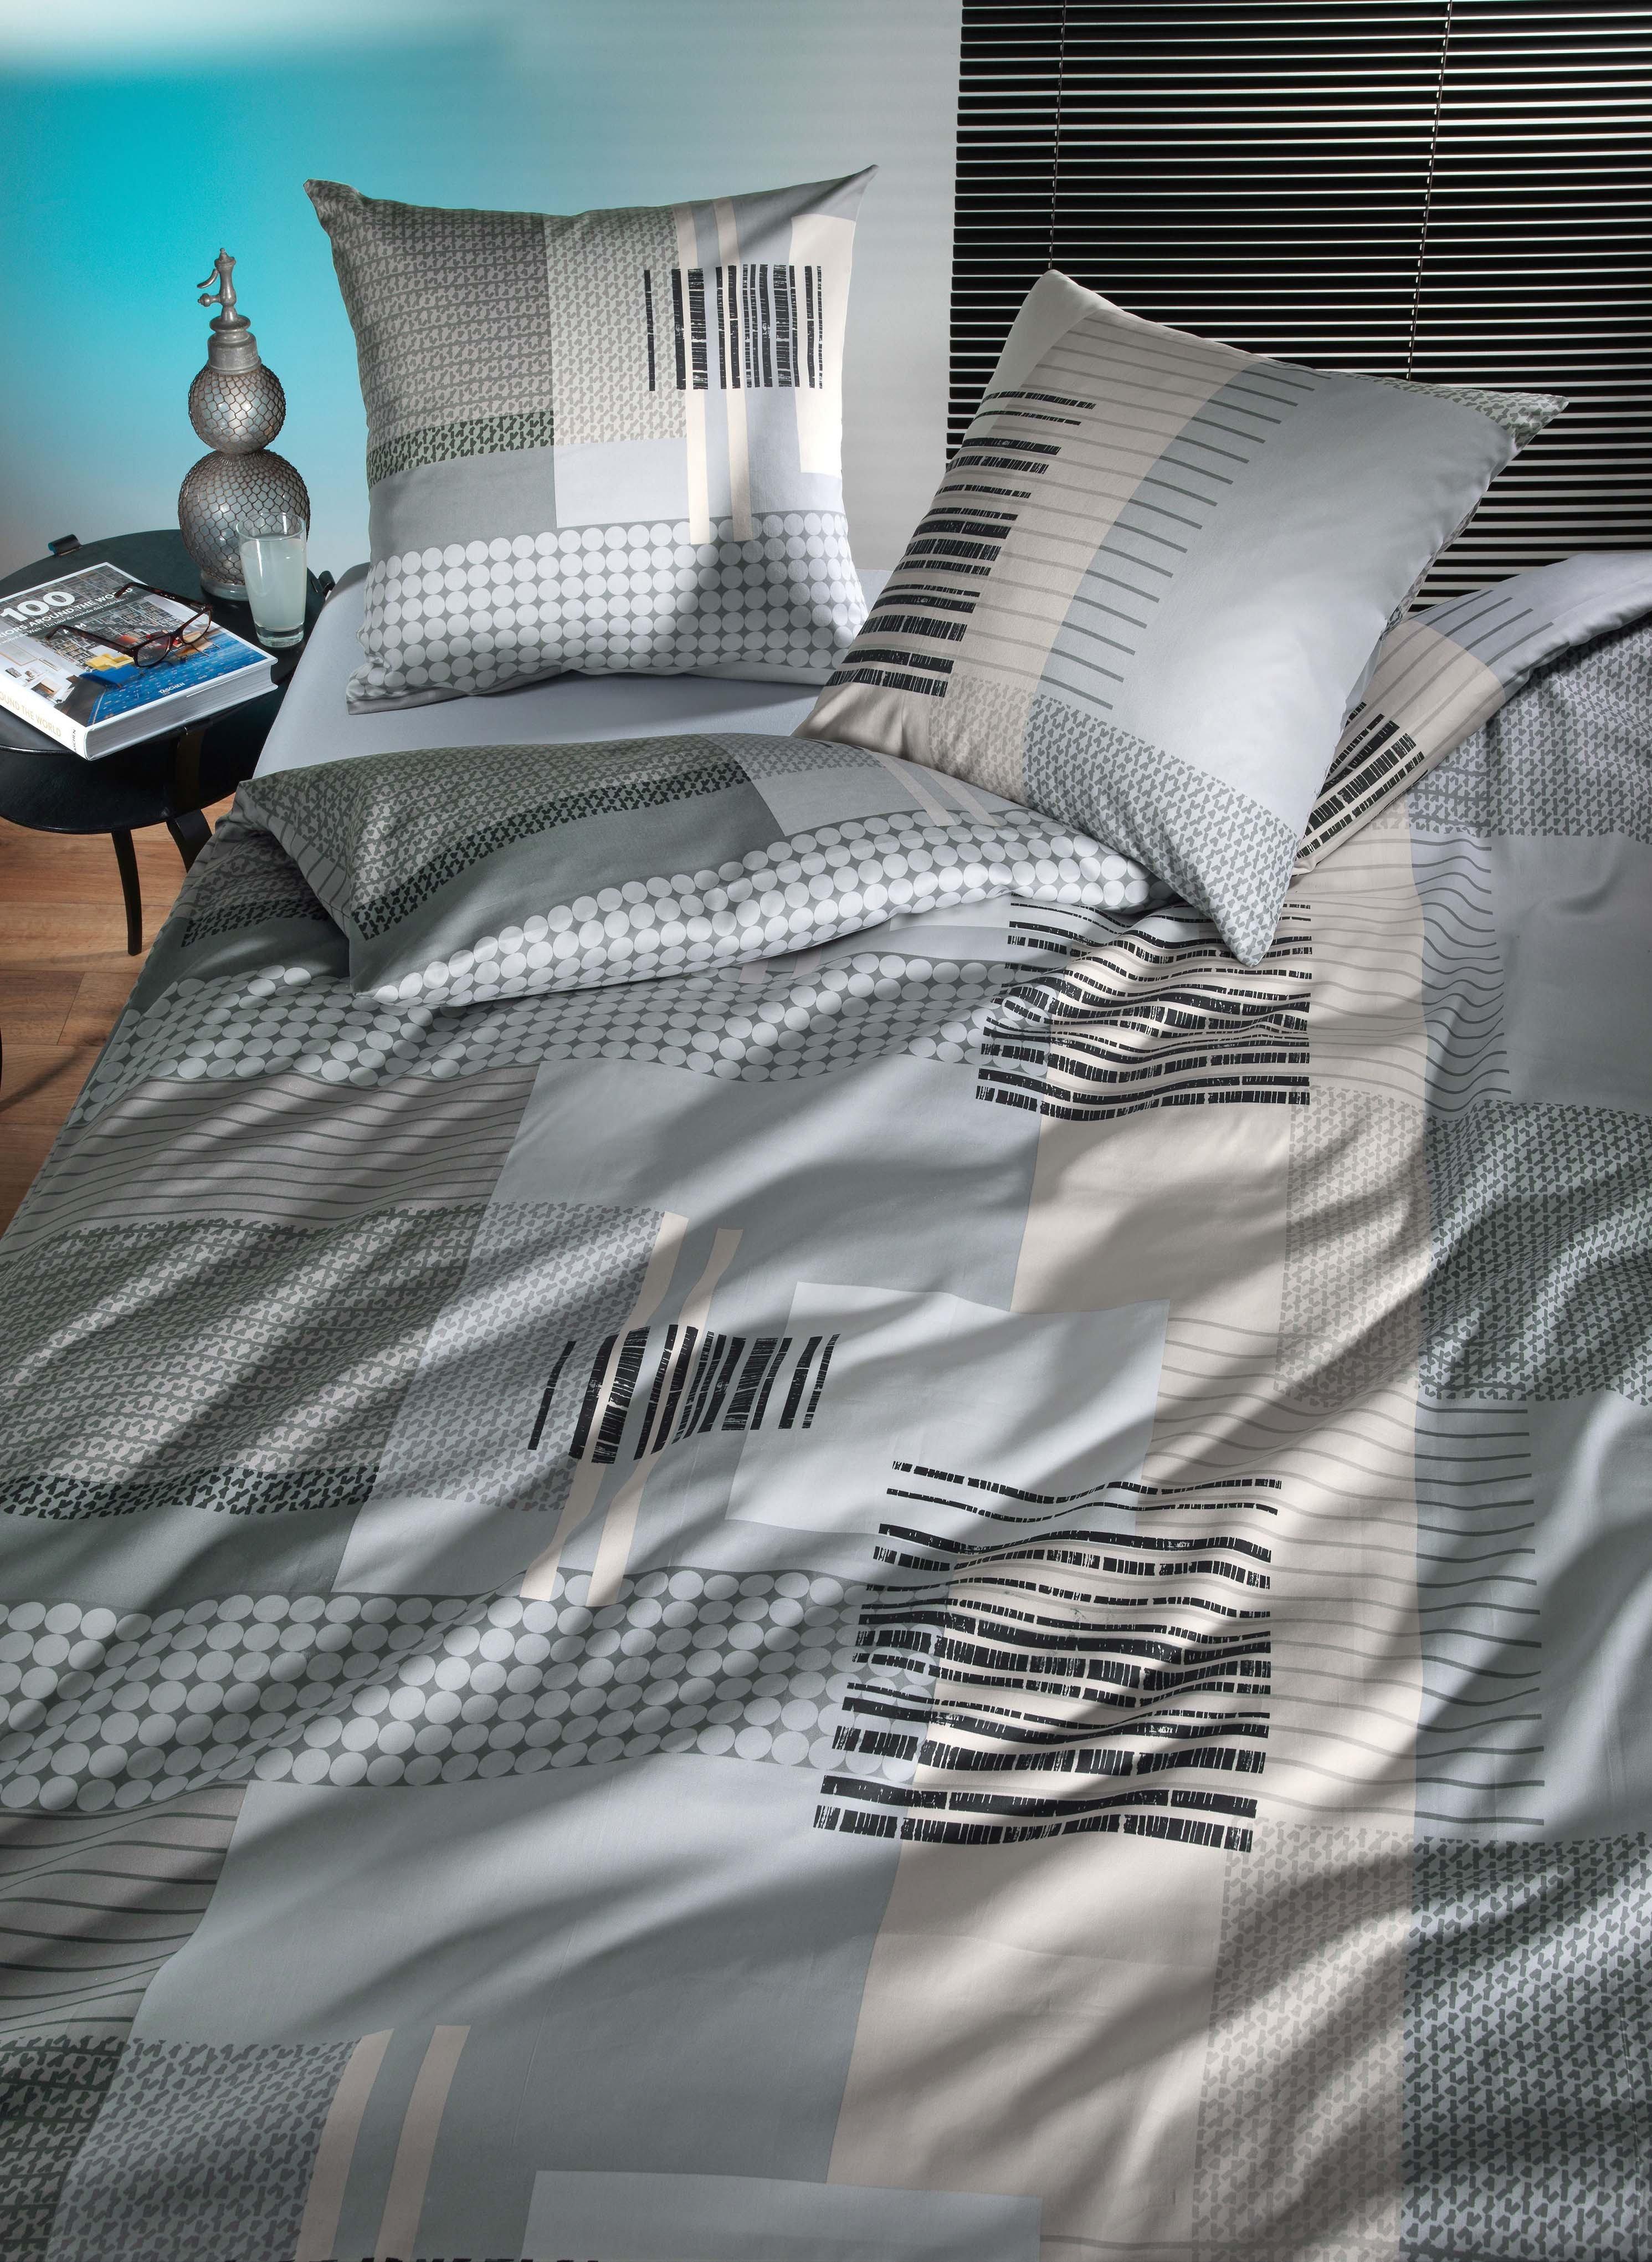 satin bettw sche regan bettw sche rund ums bett. Black Bedroom Furniture Sets. Home Design Ideas